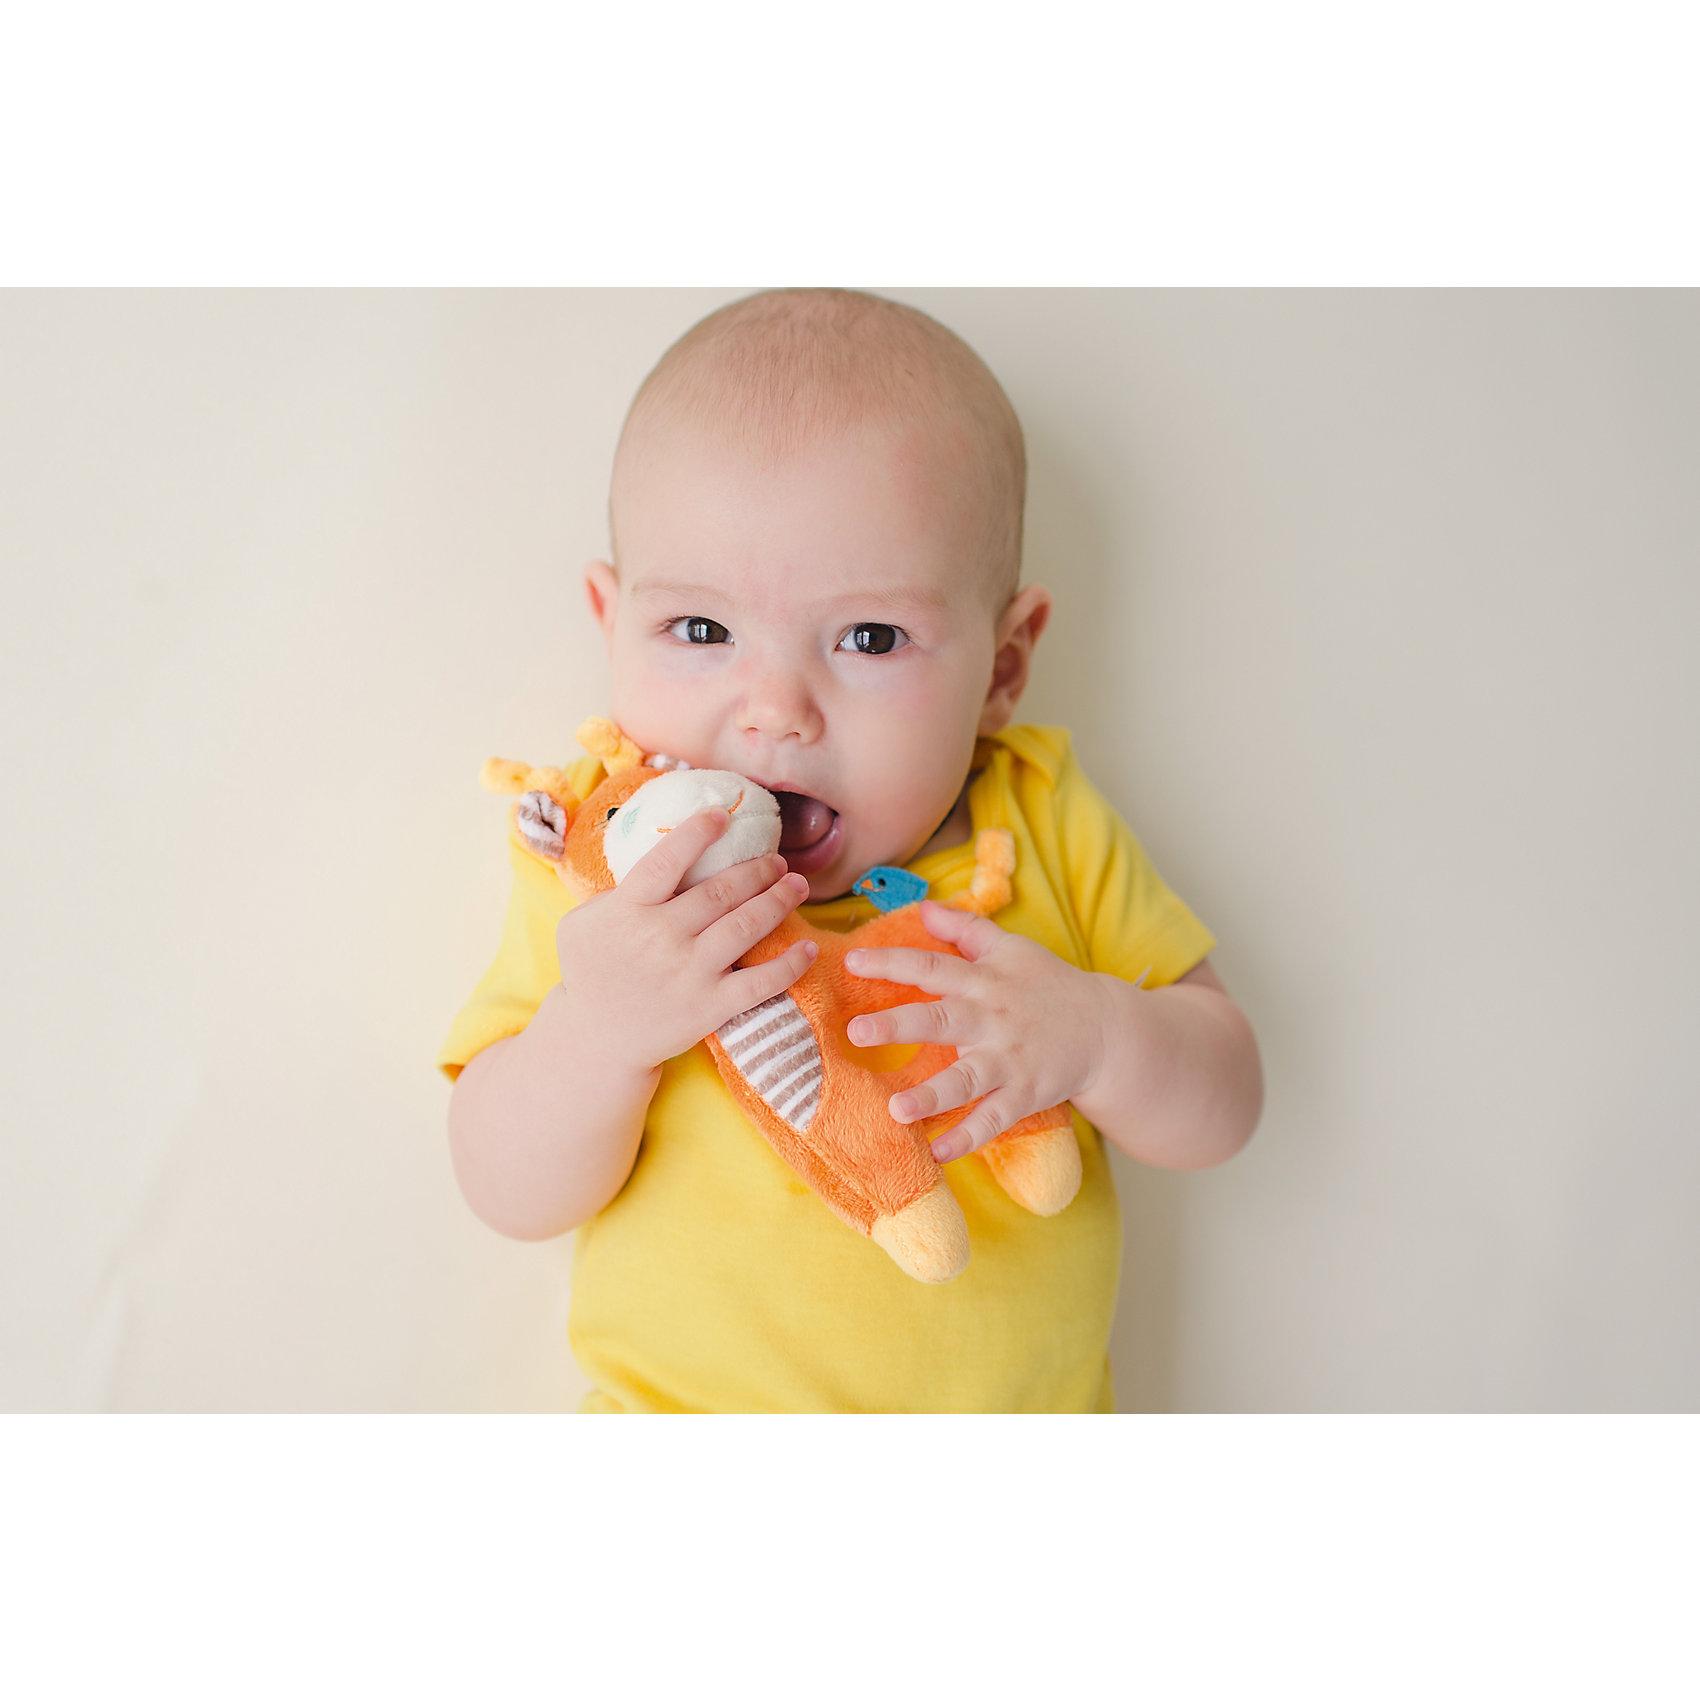 Погремушка Жираф, Zoocchini, оранжевыйПогремушки<br>Погремушка Жираф, Zoocchini, оранжевый.<br><br>Характеристики:<br><br>- Материал: полиэстер<br>- Цвет: оранжевый<br>- Высота игрушки: 17,5 см.<br><br>Мягкая, приятная на ощупь погремушка в виде забавного жирафа заставит вашего ребёнка улыбаться! Яркий цвет, приятный звук погремушки будут способствовать развитию слухового и цветового восприятия, мелкой моторики рук и концентрации внимания малыша. Погремушка Жираф составит прекрасную пару одеялу с игрушкой Zoocchini.<br><br>Погремушку Жираф, Zoocchini, оранжевую можно купить в нашем интернет-магазине.<br><br>Ширина мм: 120<br>Глубина мм: 75<br>Высота мм: 205<br>Вес г: 72<br>Возраст от месяцев: 0<br>Возраст до месяцев: 12<br>Пол: Унисекс<br>Возраст: Детский<br>SKU: 5392936